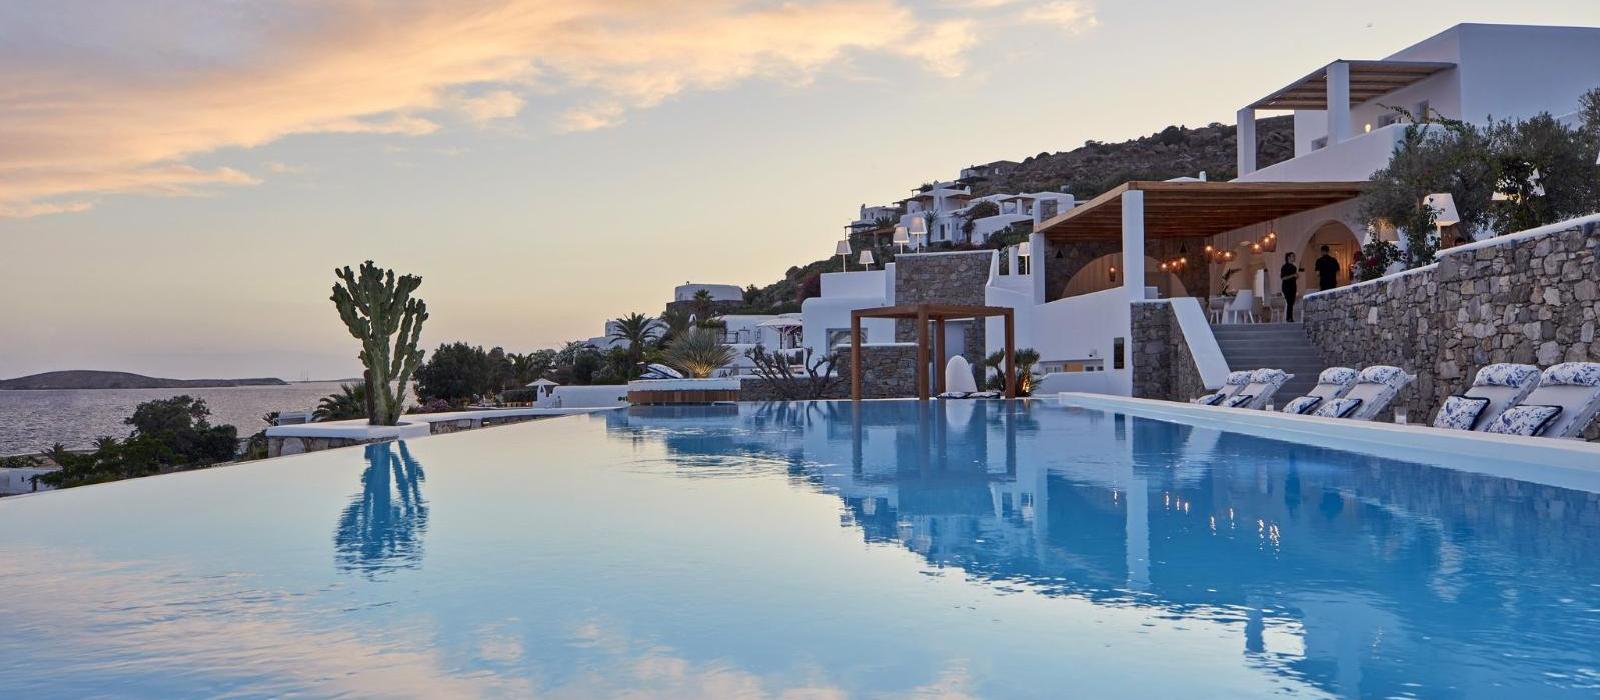 米克诺斯嘉邸祺度假酒店(Katikies Mykonos) 图片  www.lhw.cn